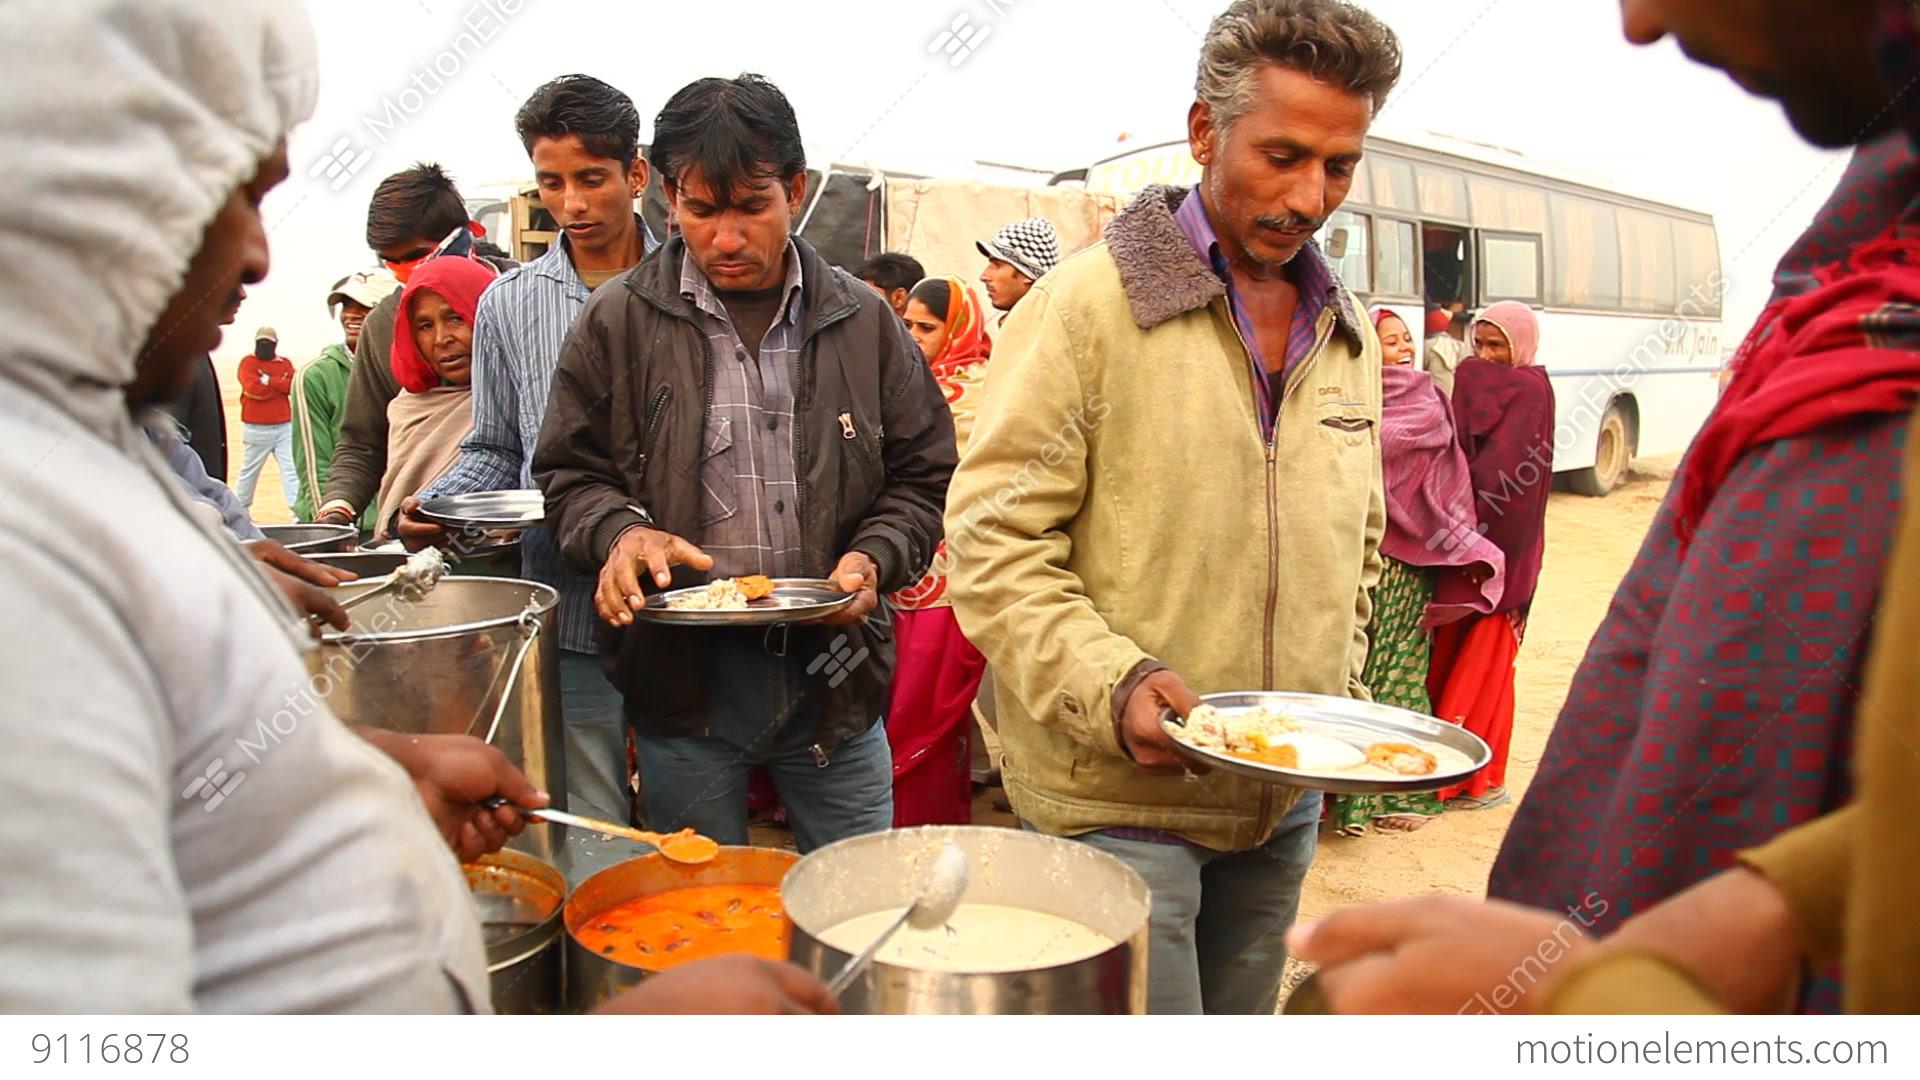 poor people eating food in desert stock video footage